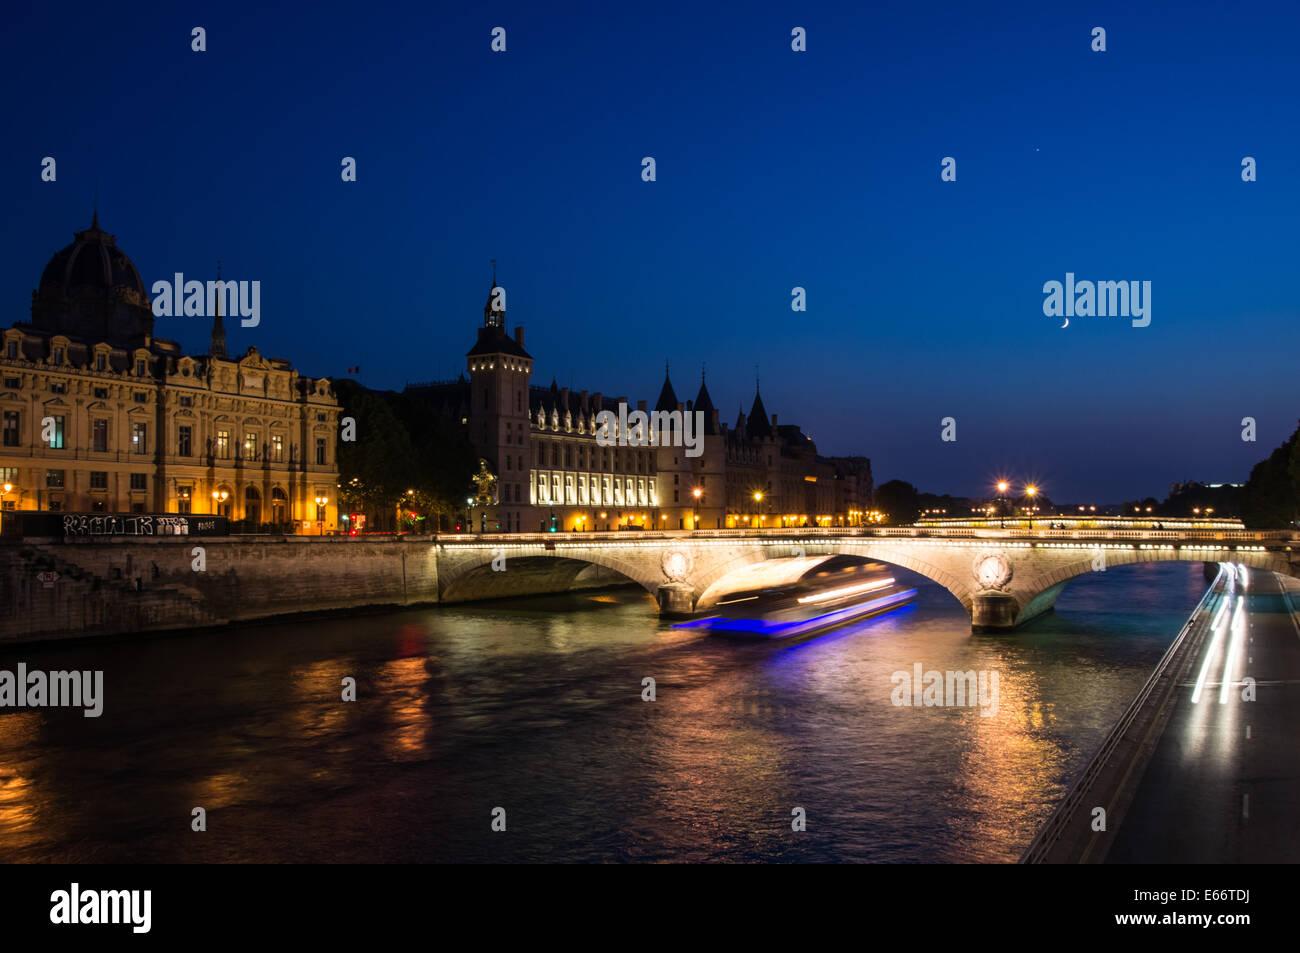 The Pont au Change, bridge over river Seine and the Conciergerie at dusk, Paris, France - Stock Image